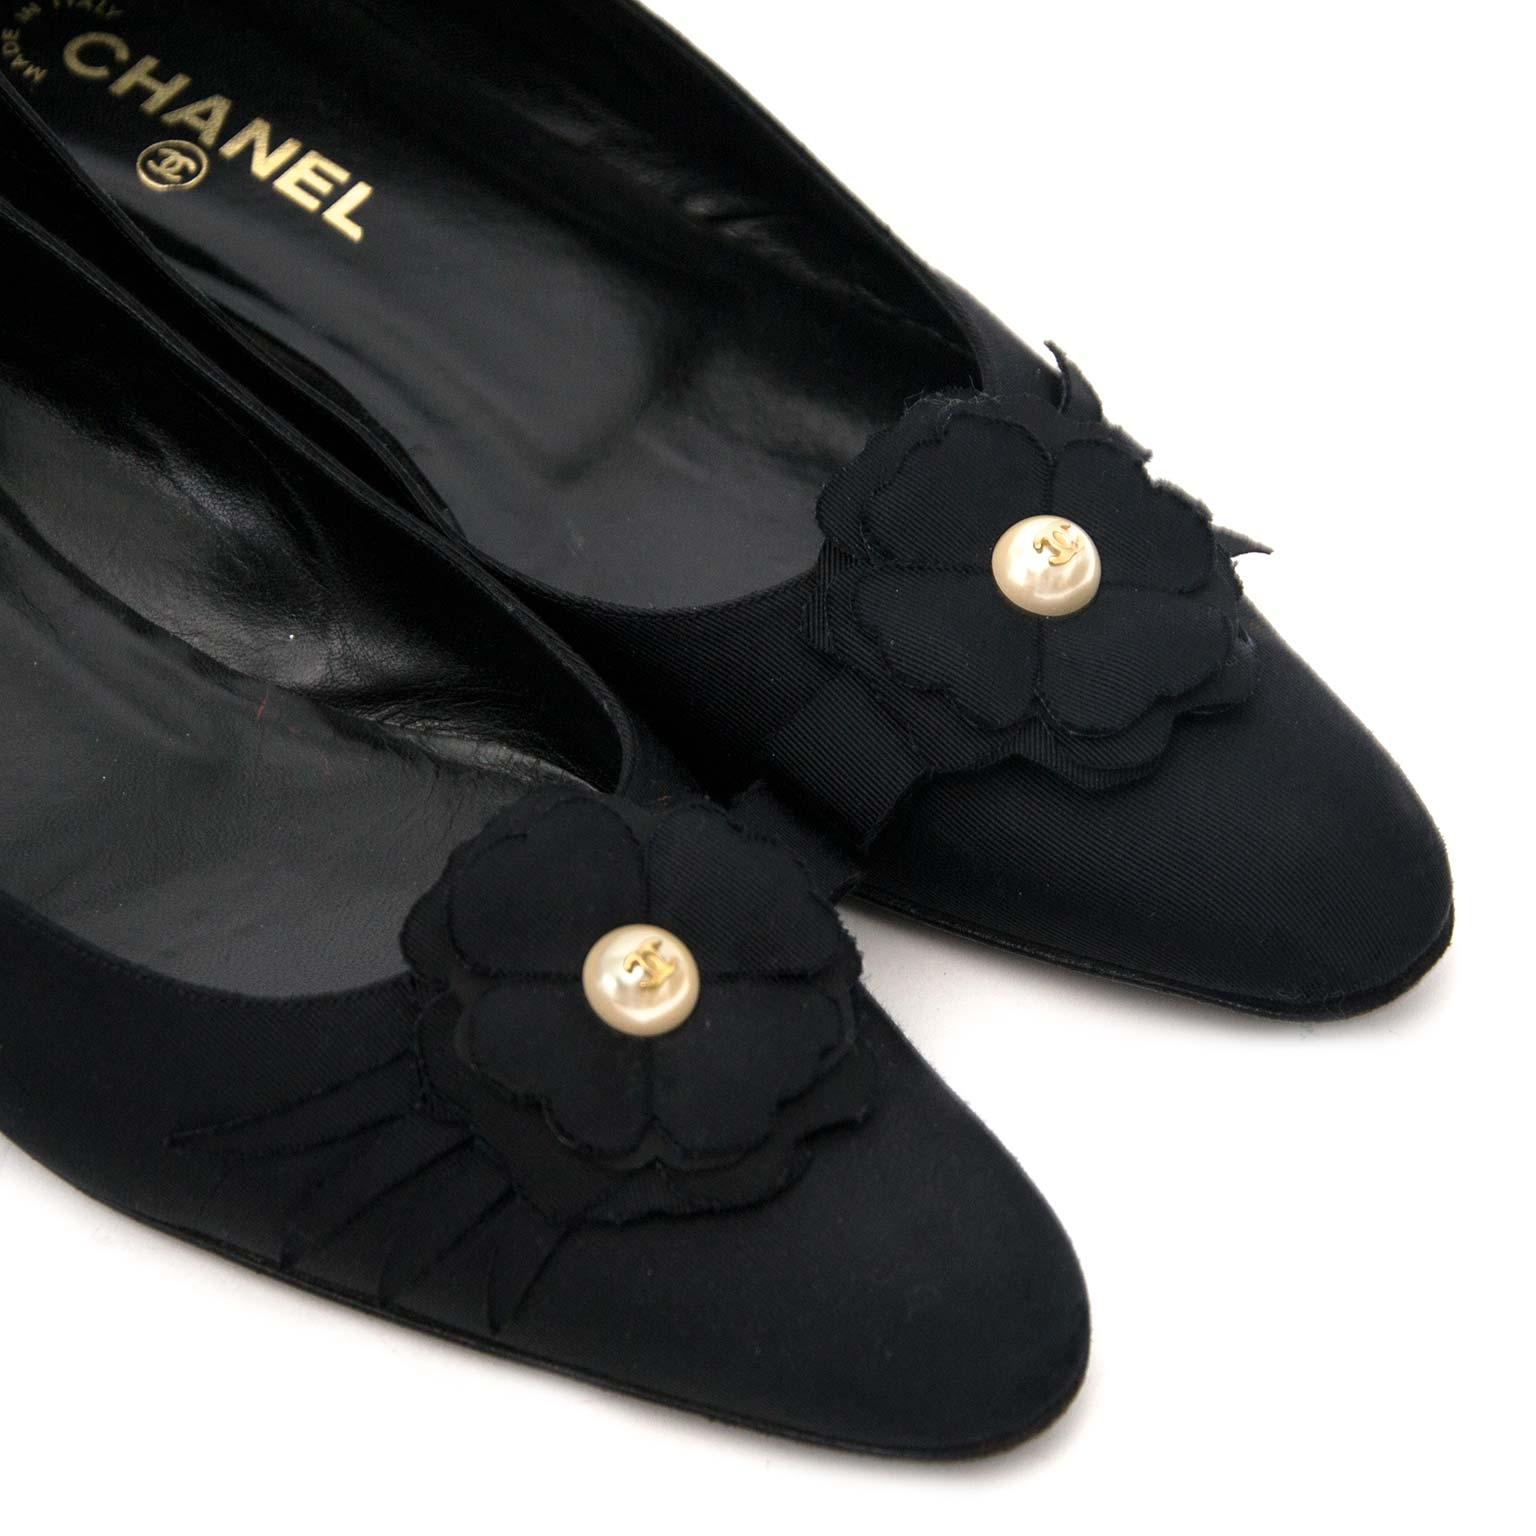 Bent u op zoek naar een authentieke Chanel Black Fabric Pearl Camelia Ballerina Flats?